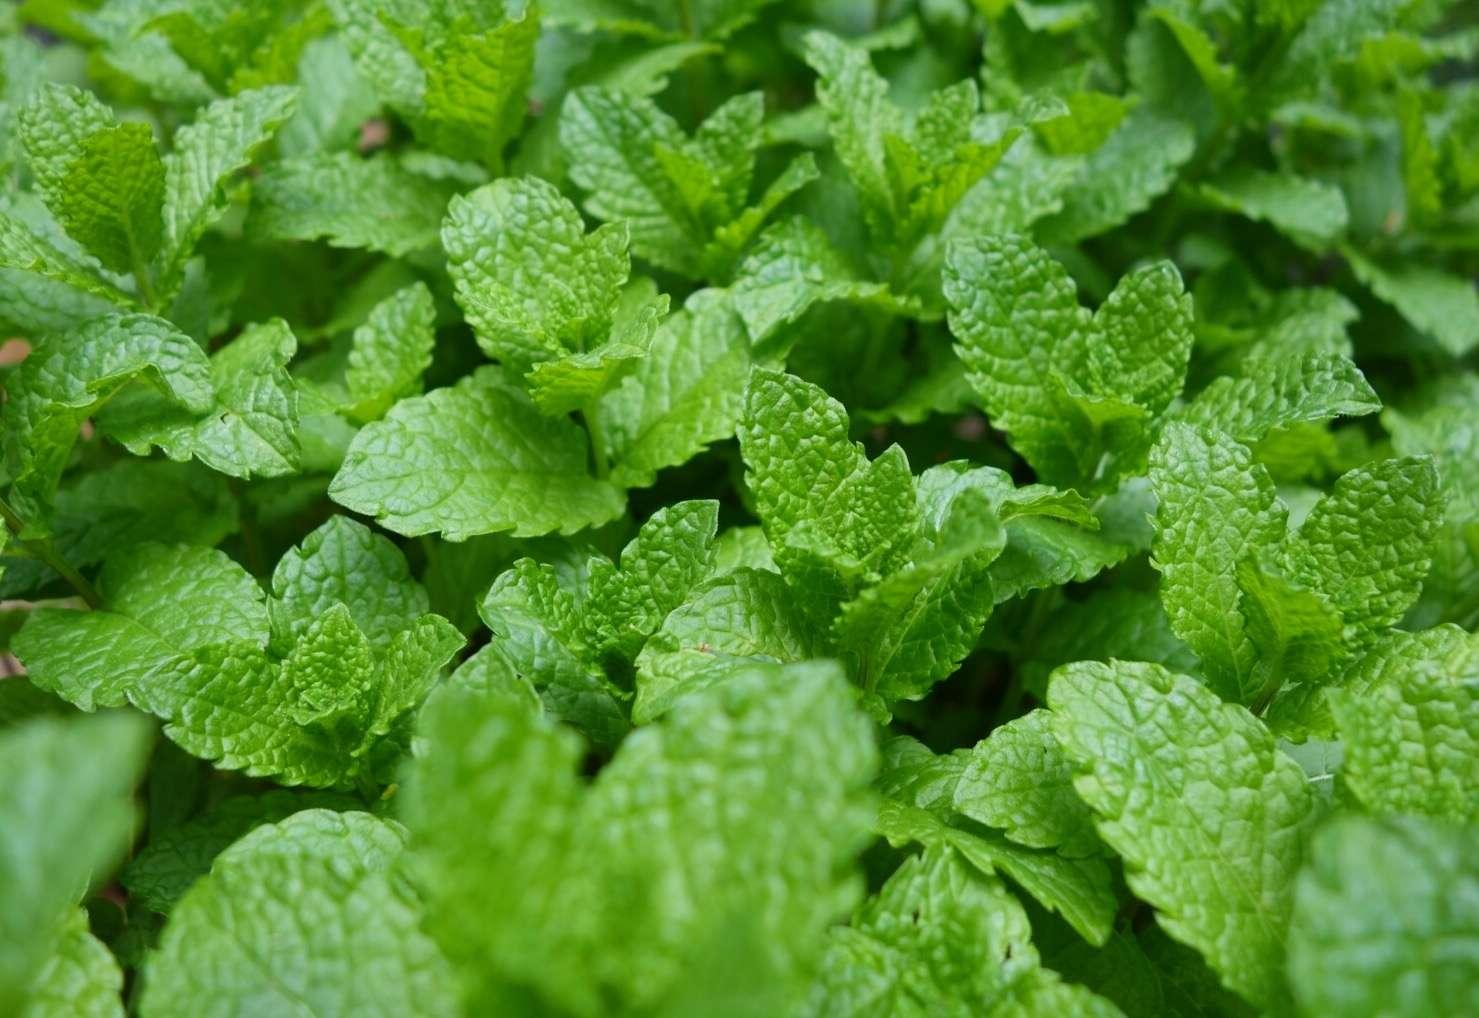 Closeup of mint leaves